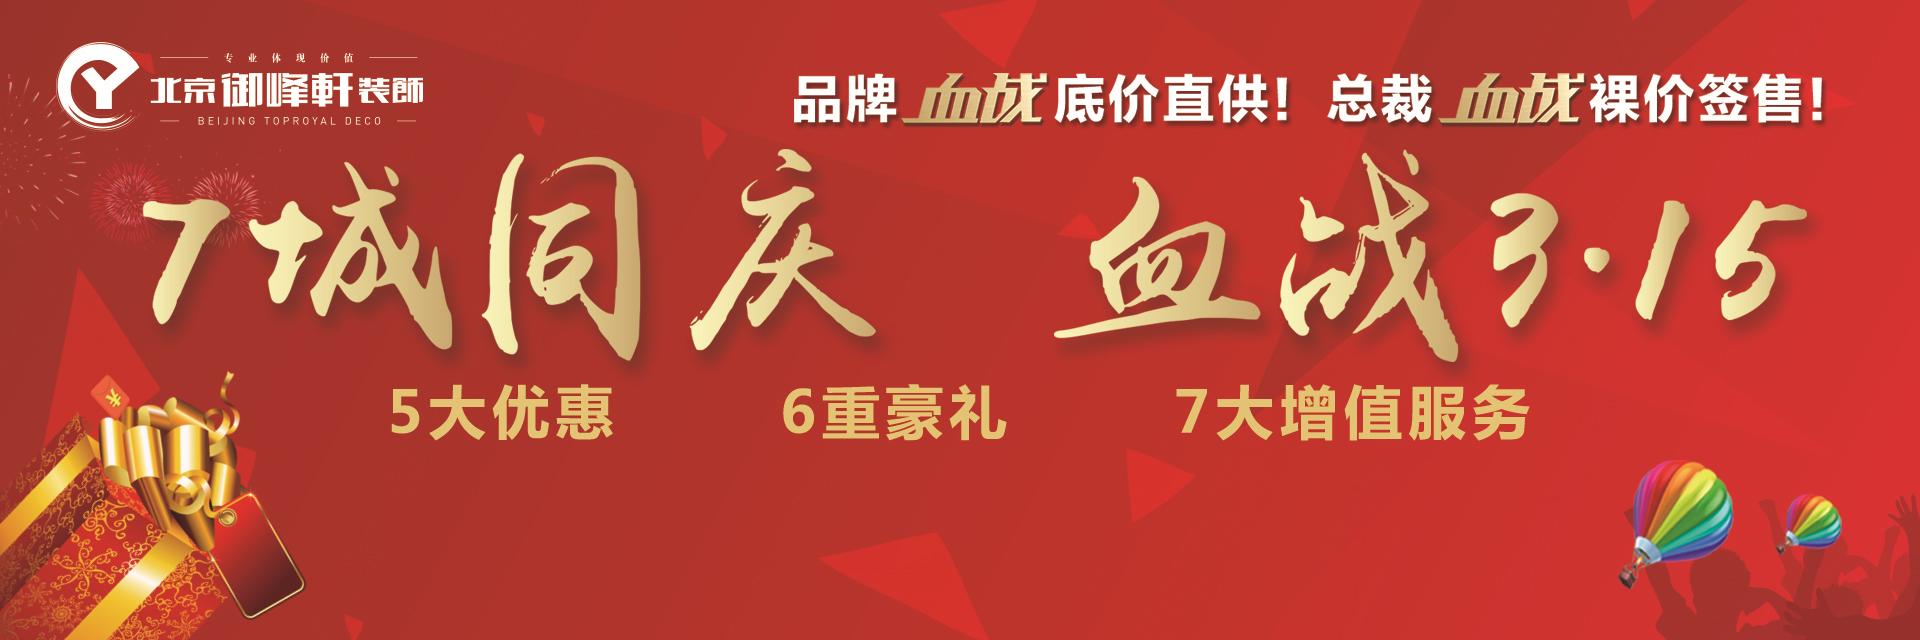 北京御峰轩装饰有限公司张家口分公司